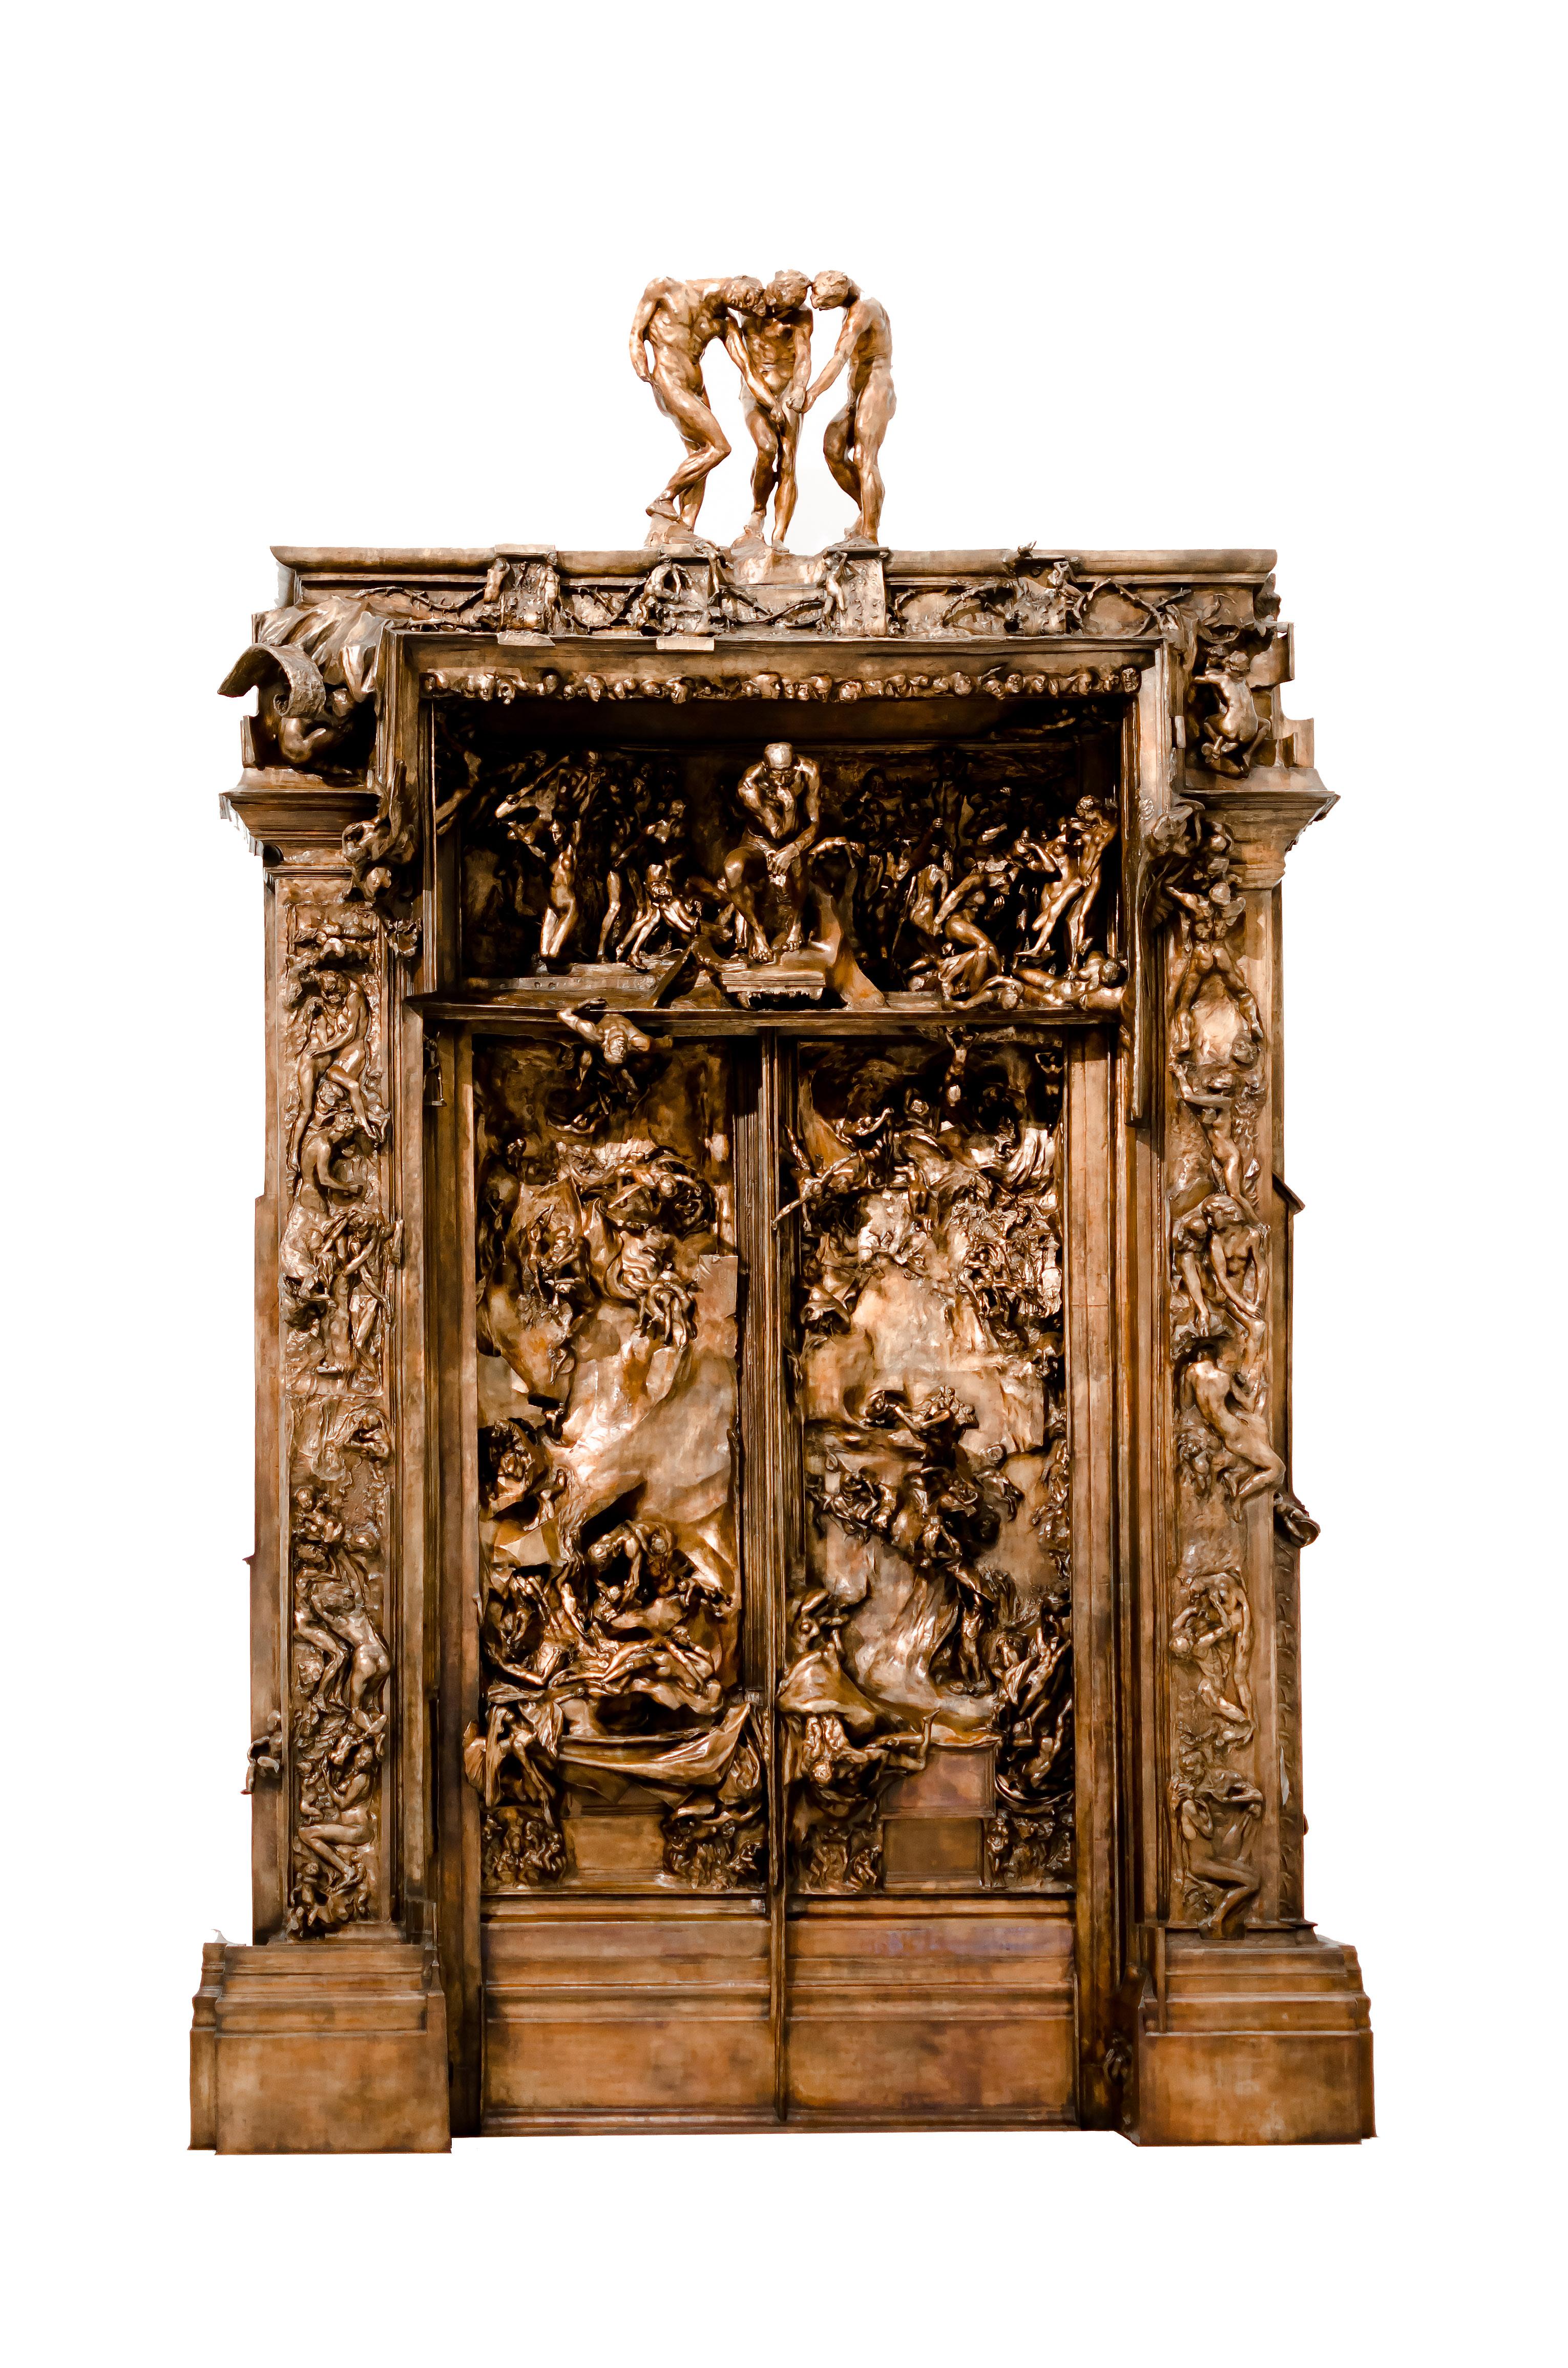 La Puerta Del Infierno Escultura Wikipedia La Enciclopedia Libre